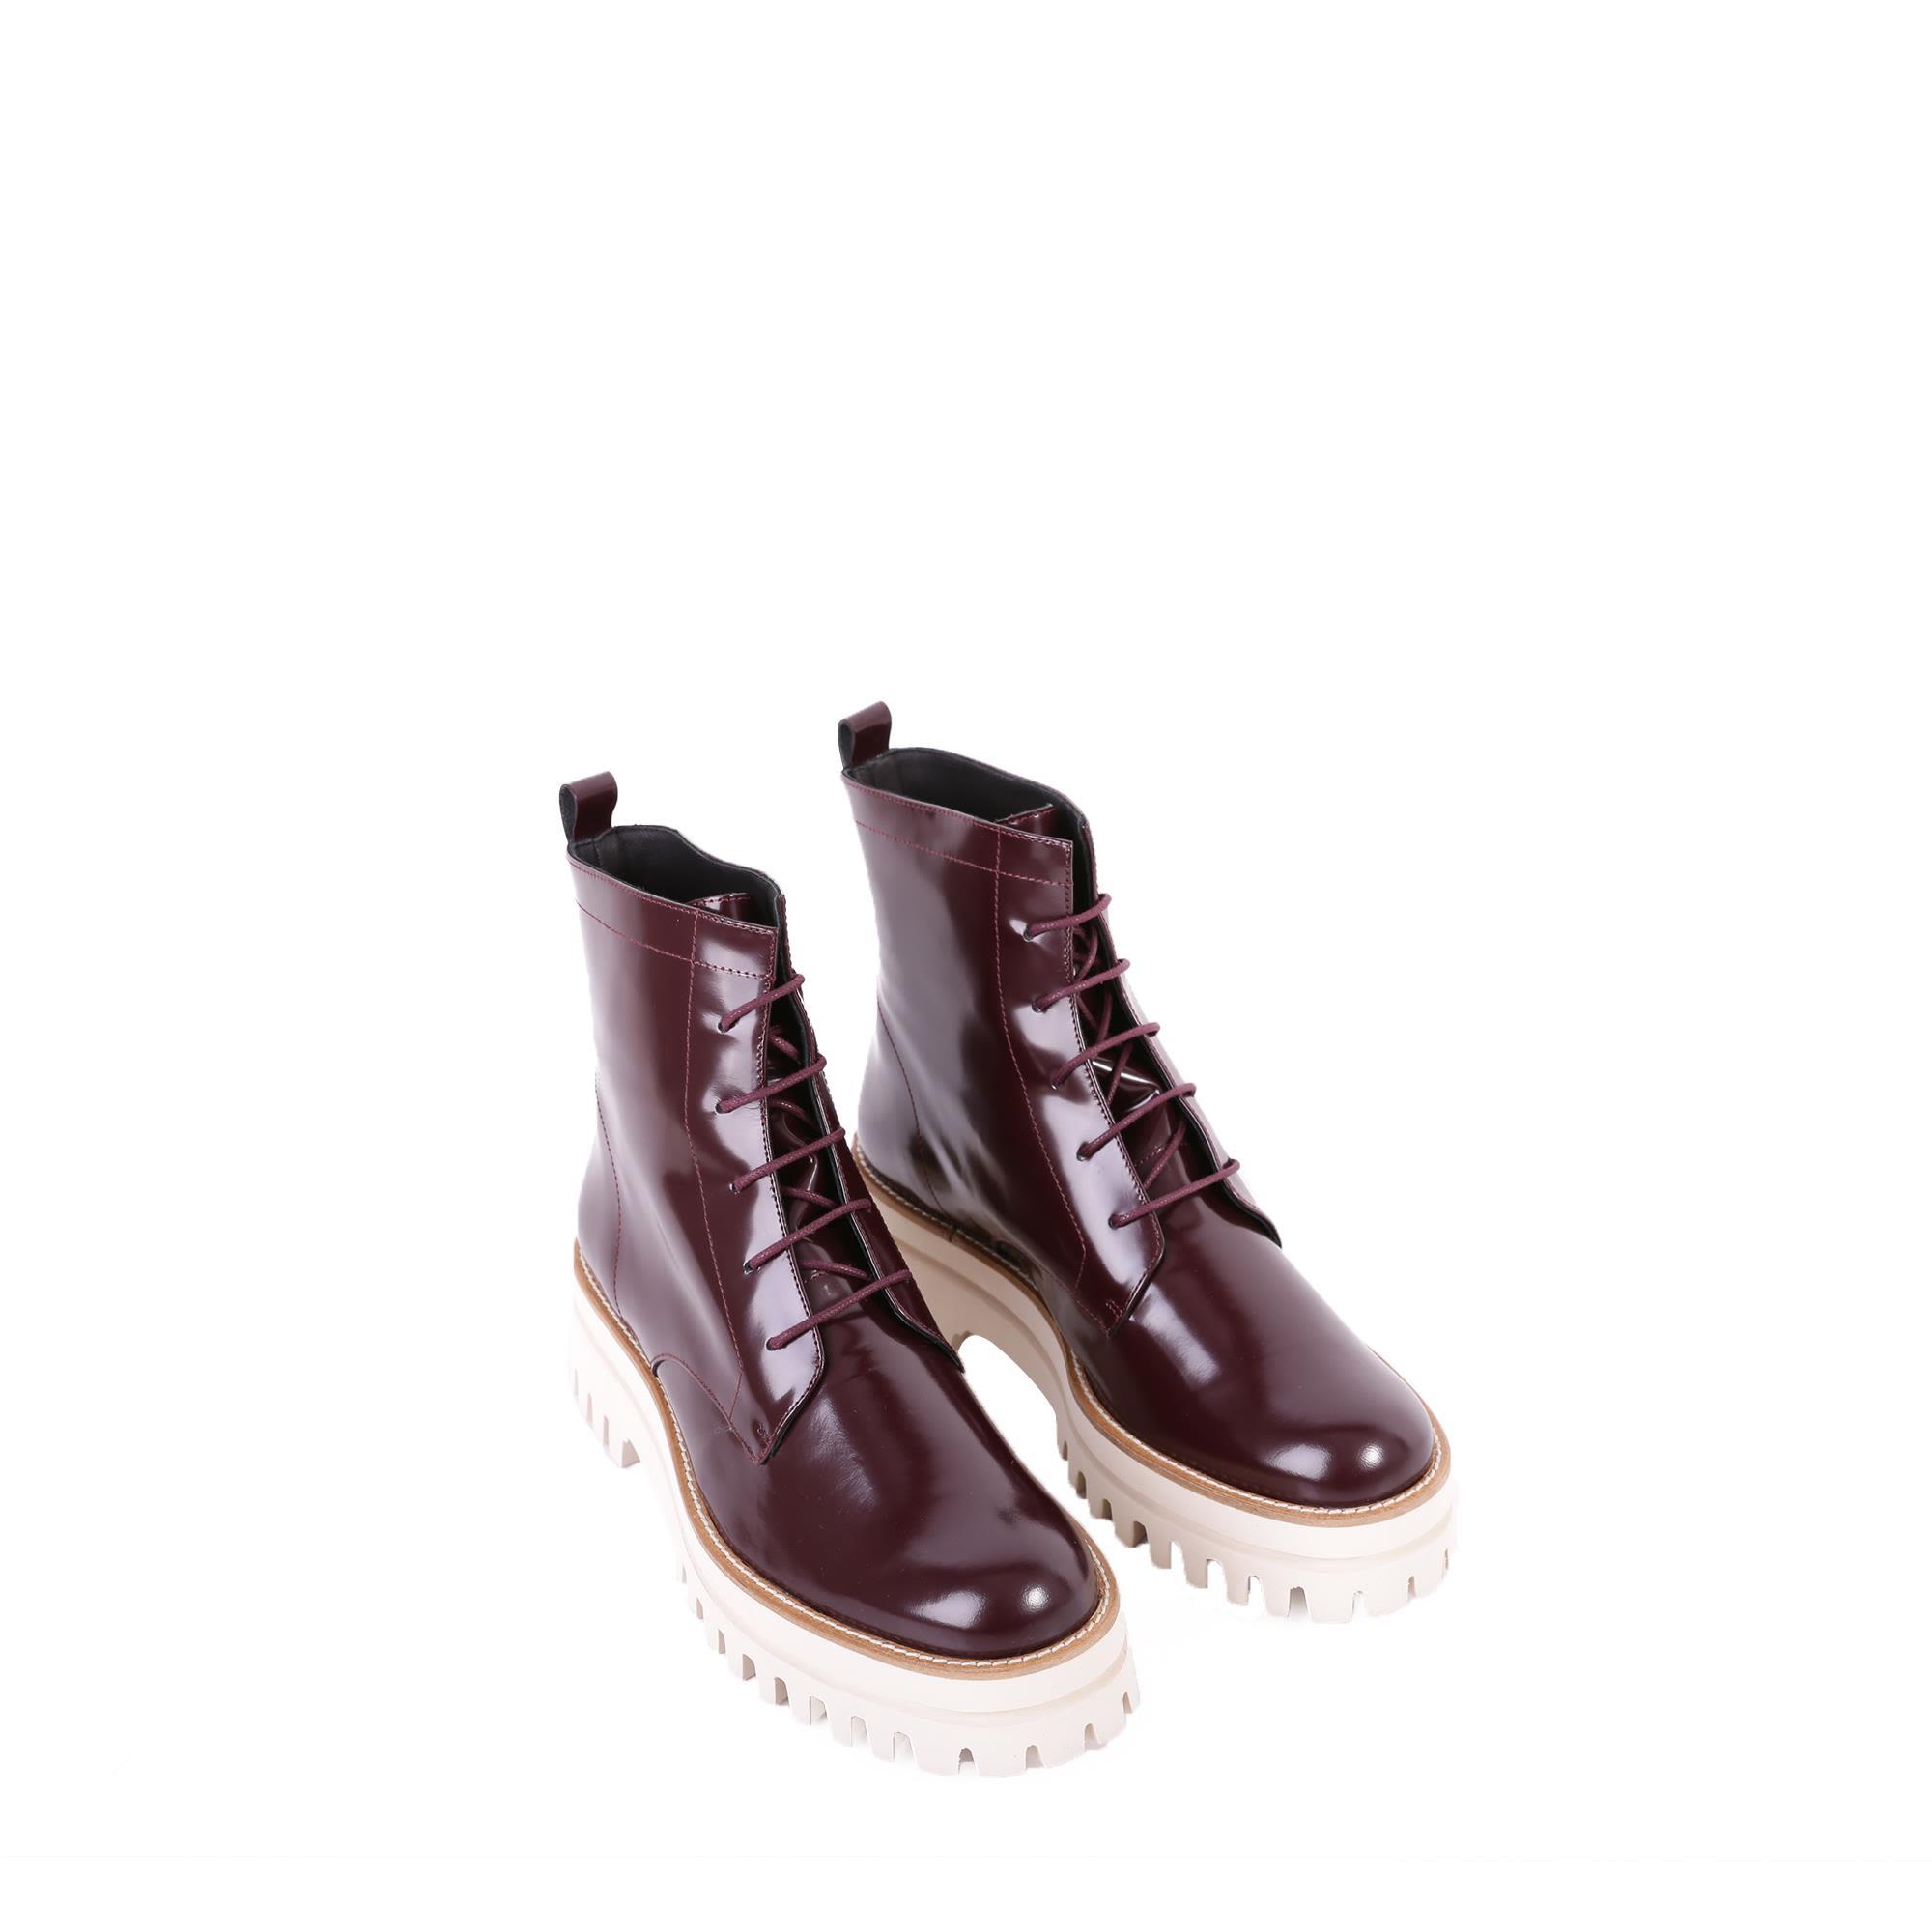 Paloma Barcelò Niger Cayman Leather Boots